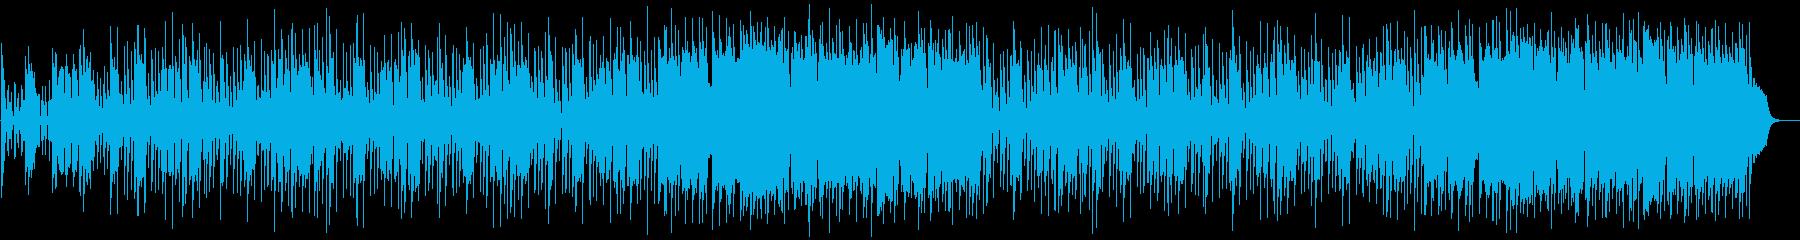 ミドルテンポのハードロックの再生済みの波形